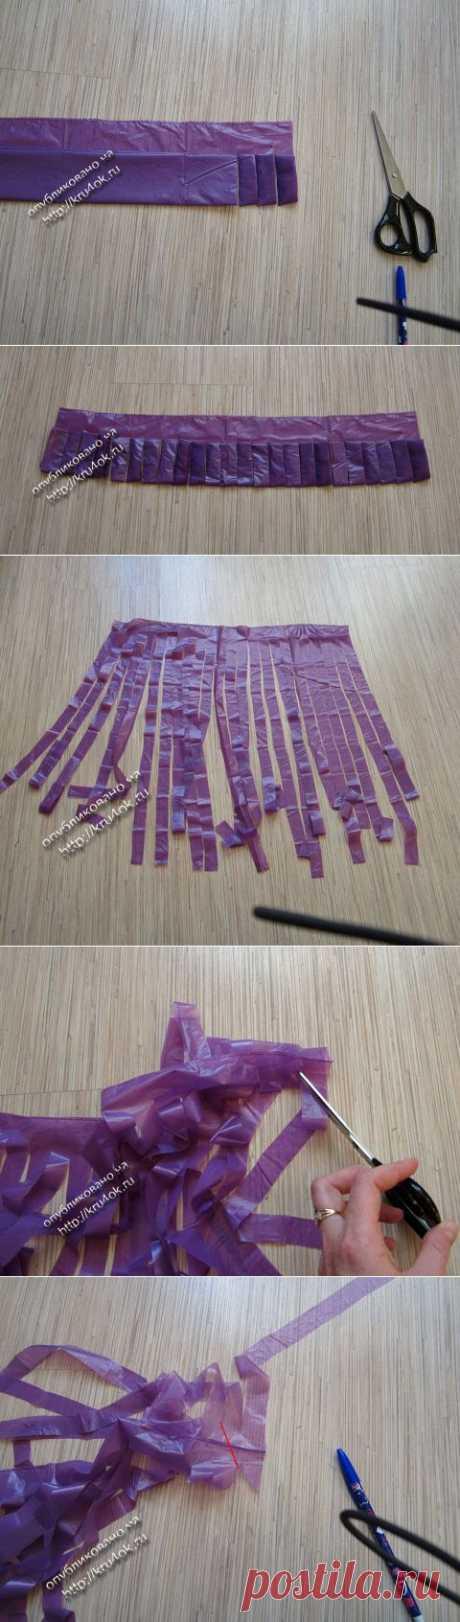 Как сделать пряжу из пакетов и футболок - вязание крючком на kru4ok.ru